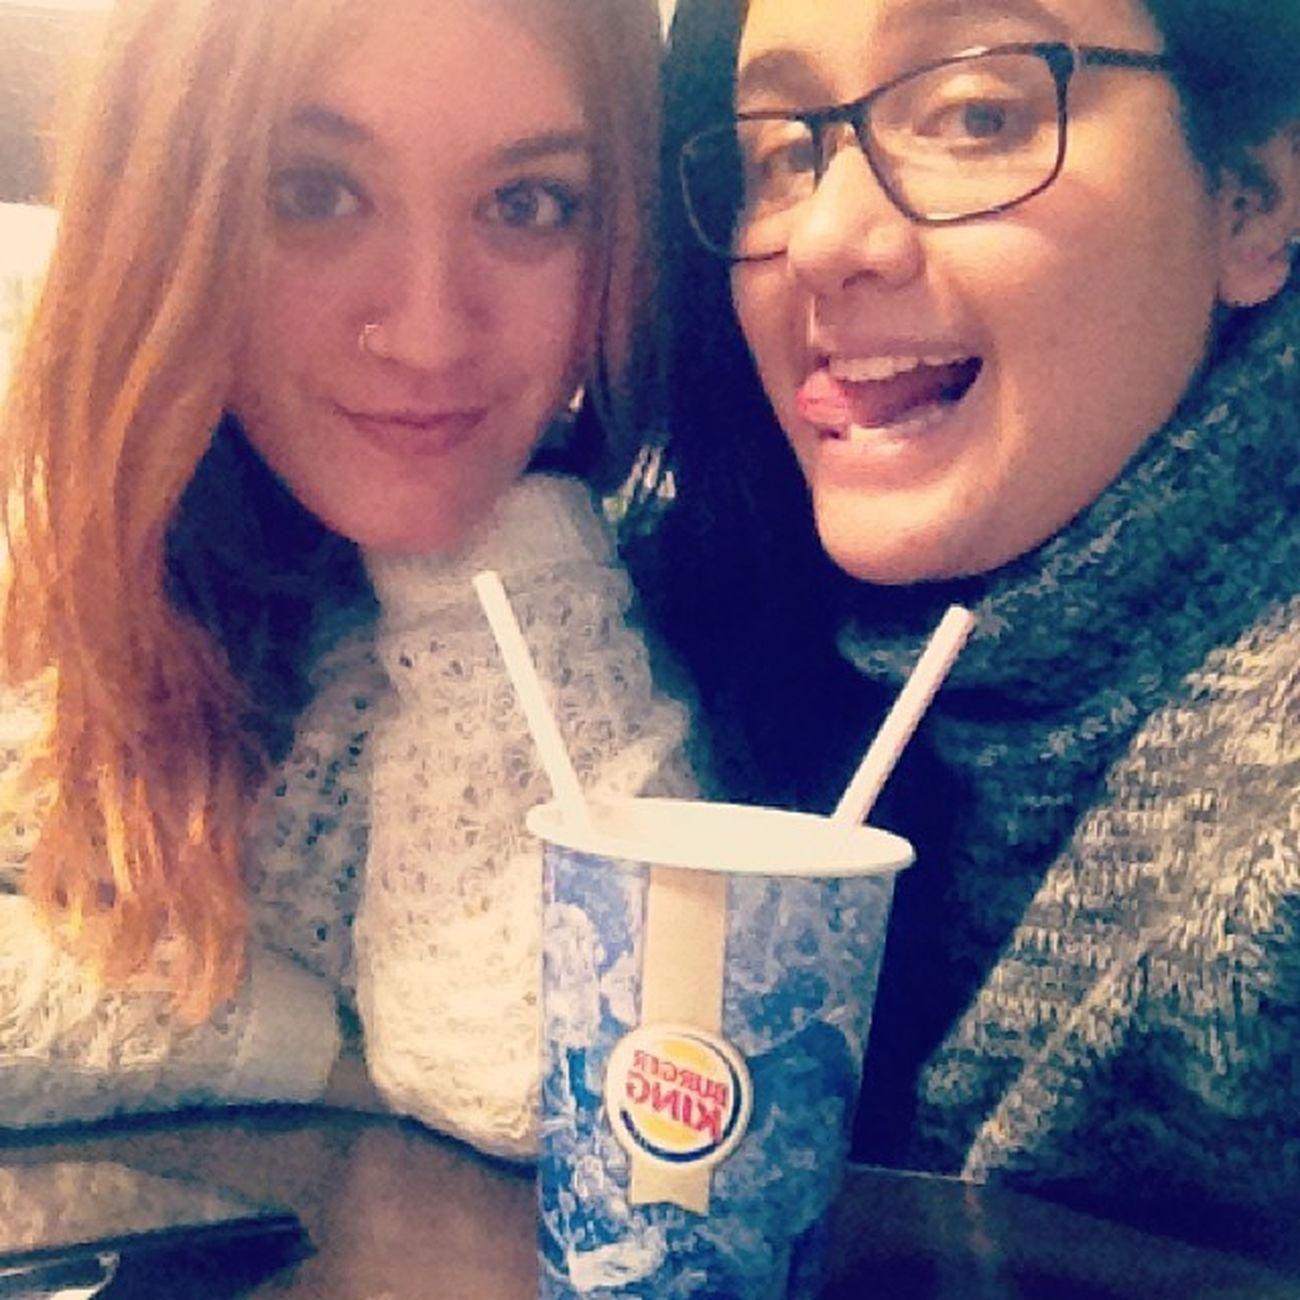 Litros y litros de coca-cola con @cristina_trs!